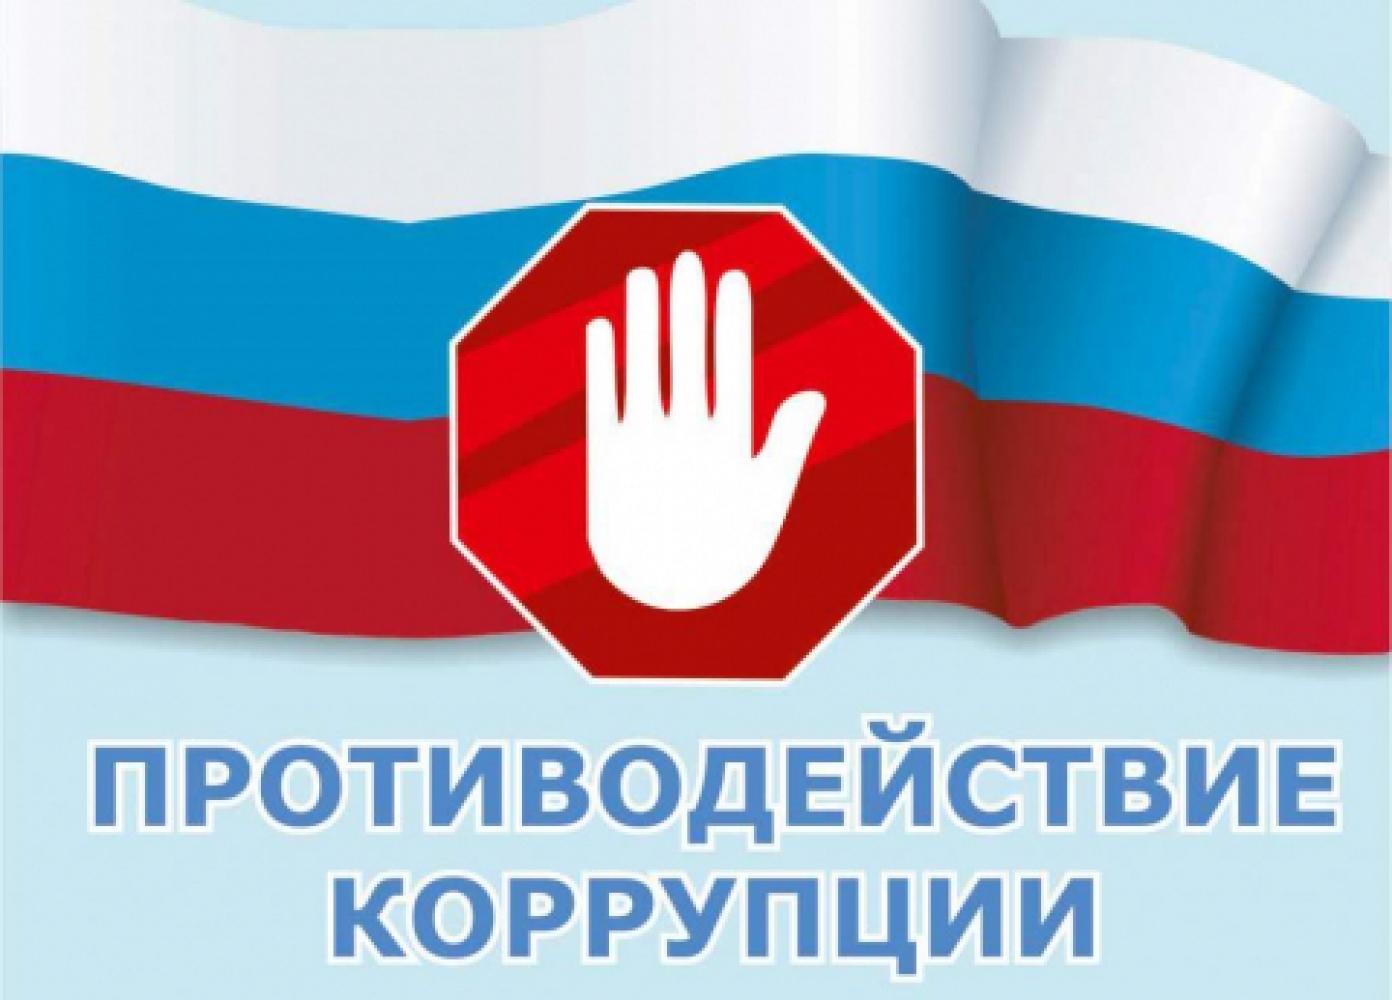 http://www.irkproc.ru/qa/2586.html/wp-content/uploads/2018/12/2f8308e48f0ba614f3c9b7f76ab46012.jpg